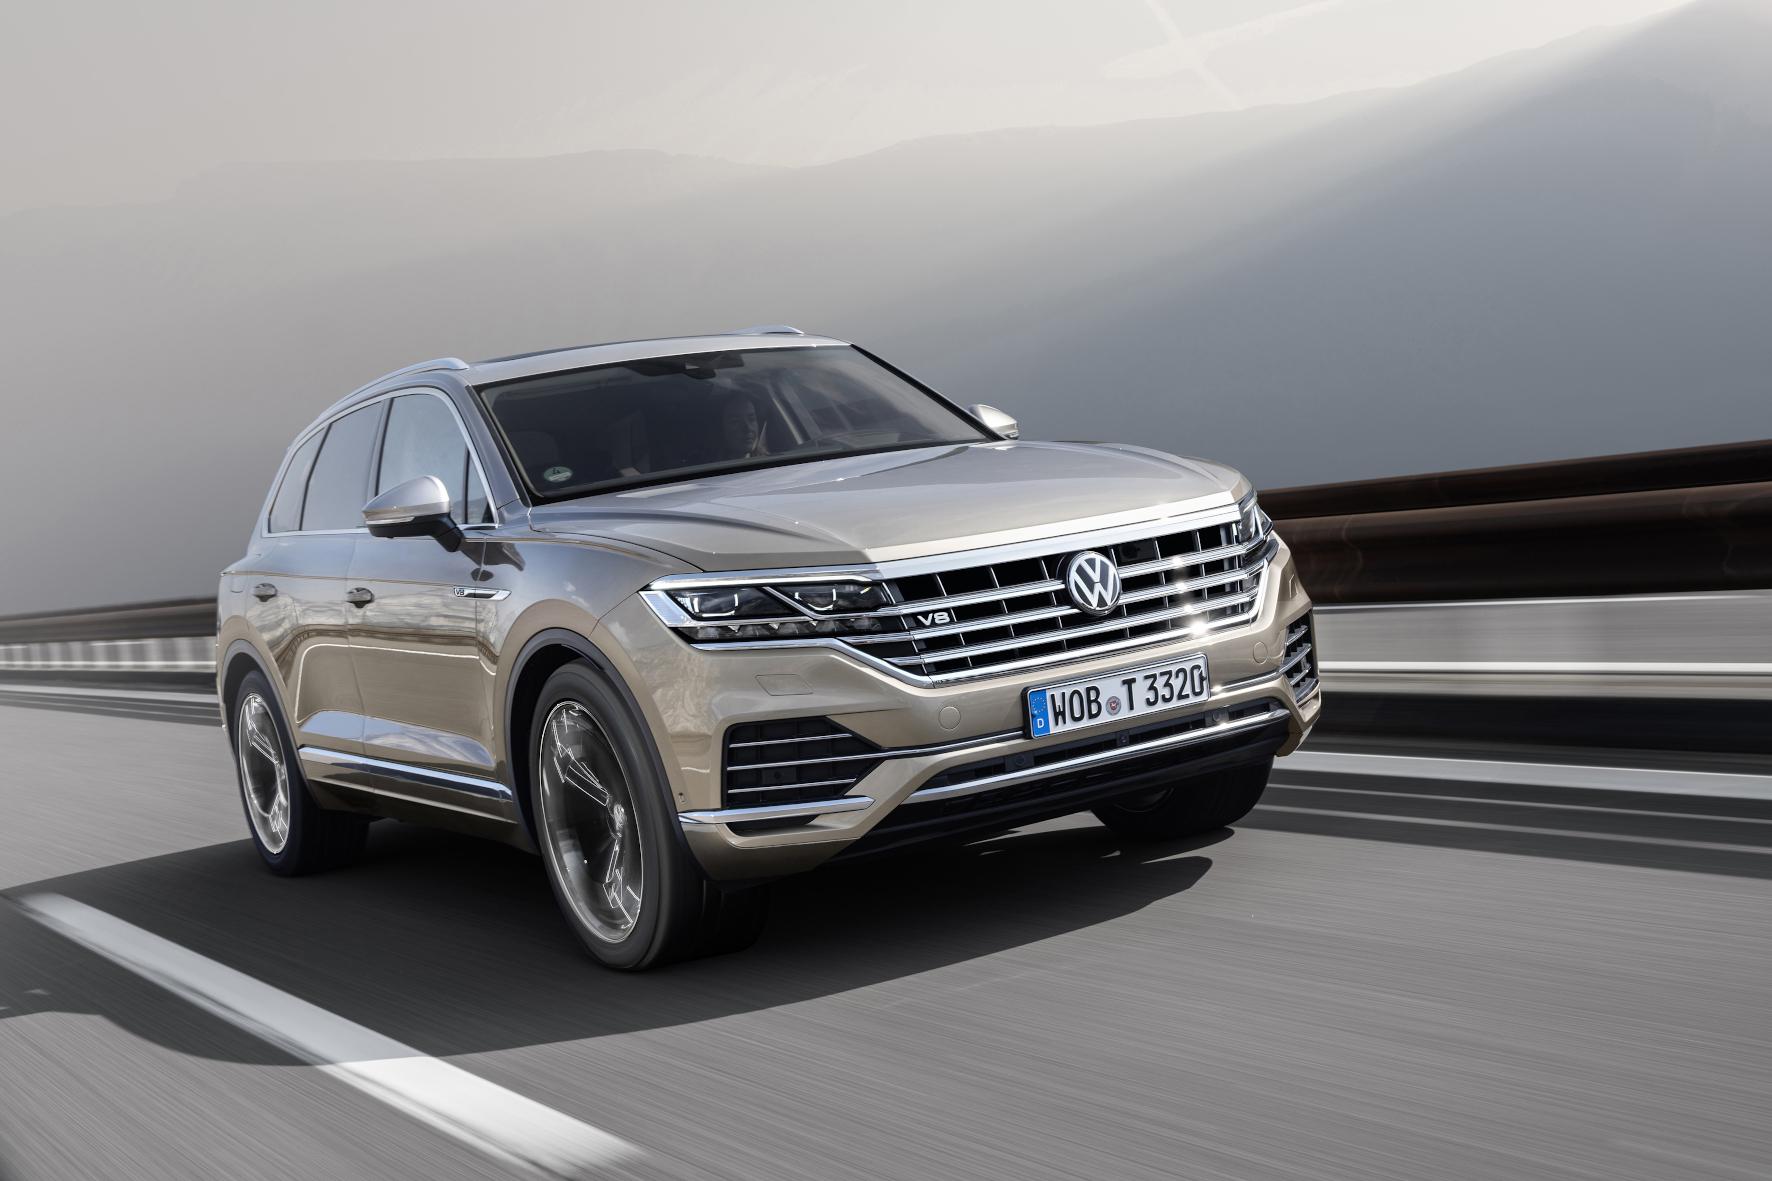 mid Groß-Gerau - Der V8 TDI im Touareg unterschreitet laut VW den Euro-6-NOx-Grenzwert von 80 mg/km um ein Vielfaches. VW